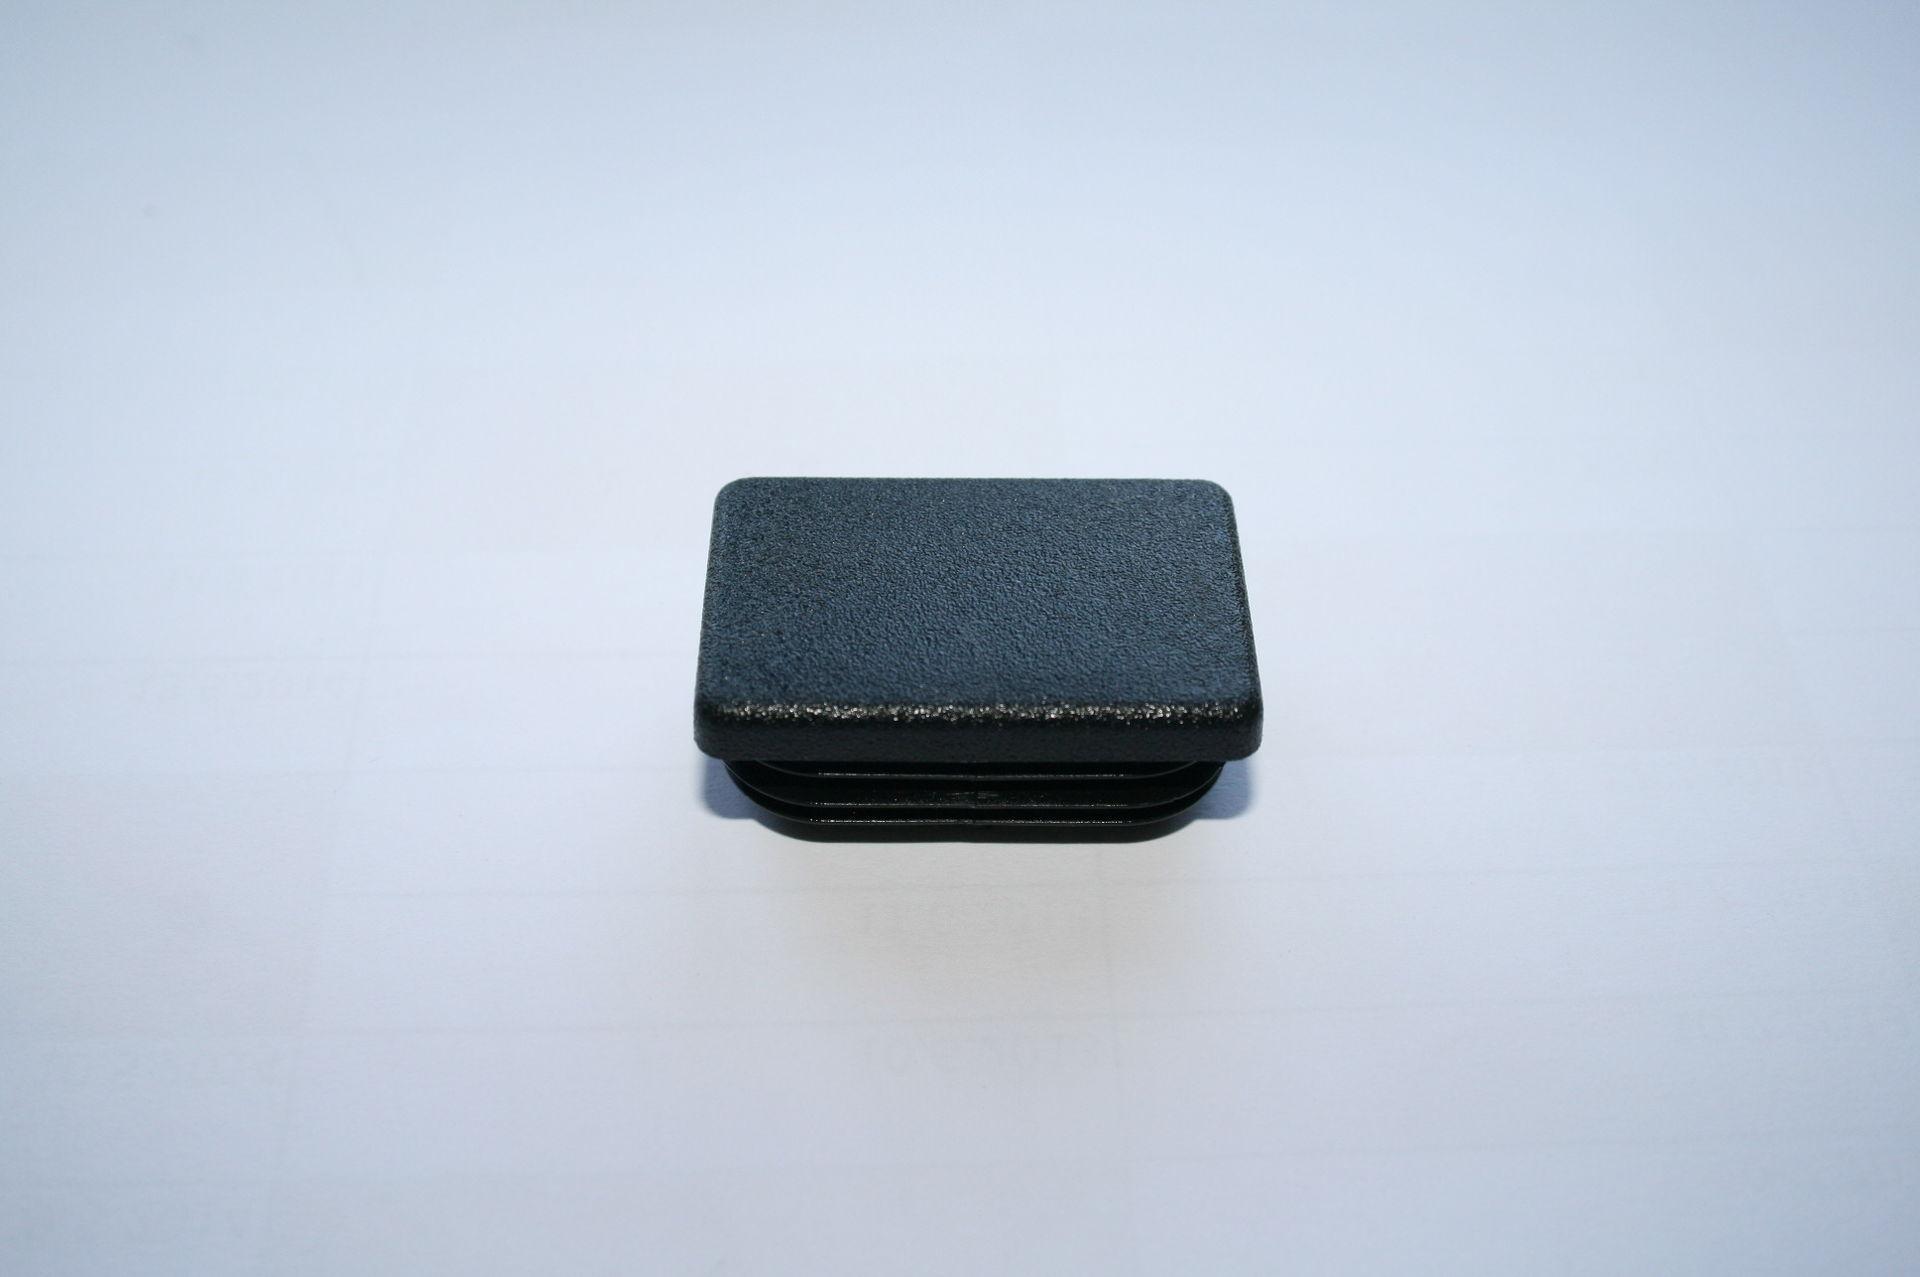 Záslepka černá 45x30 mm